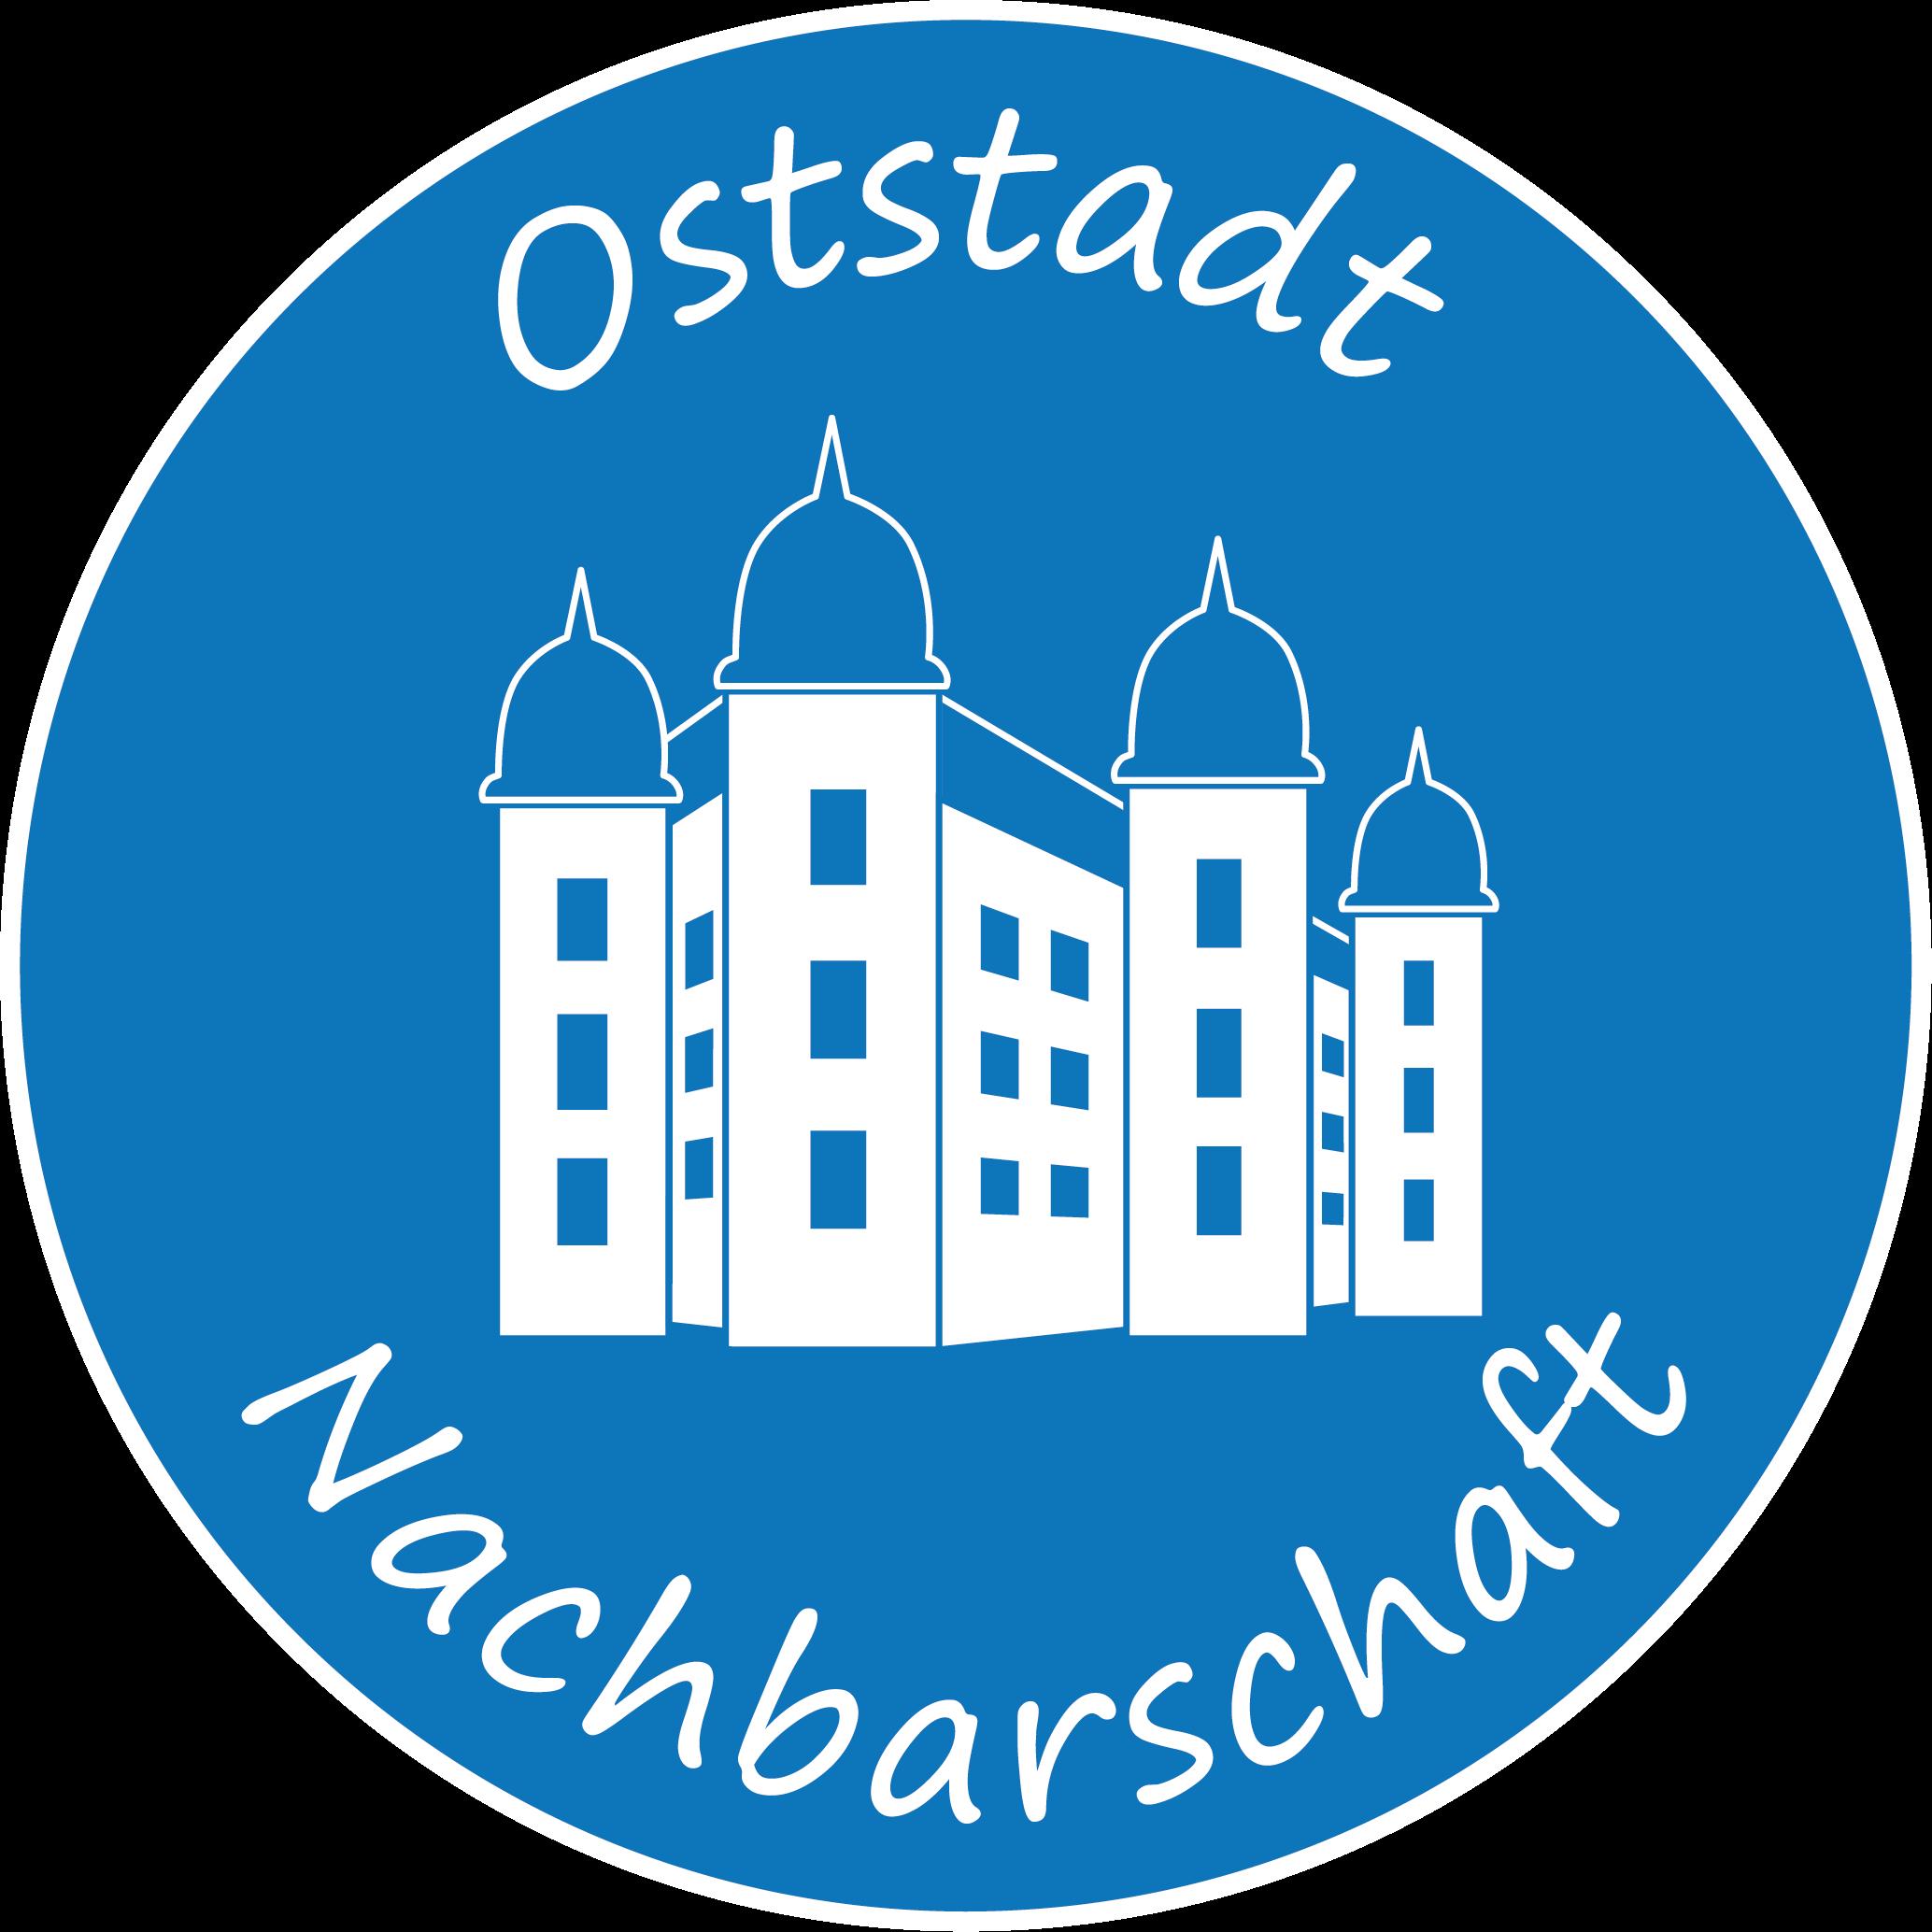 Oststadt-Nachbarschaft